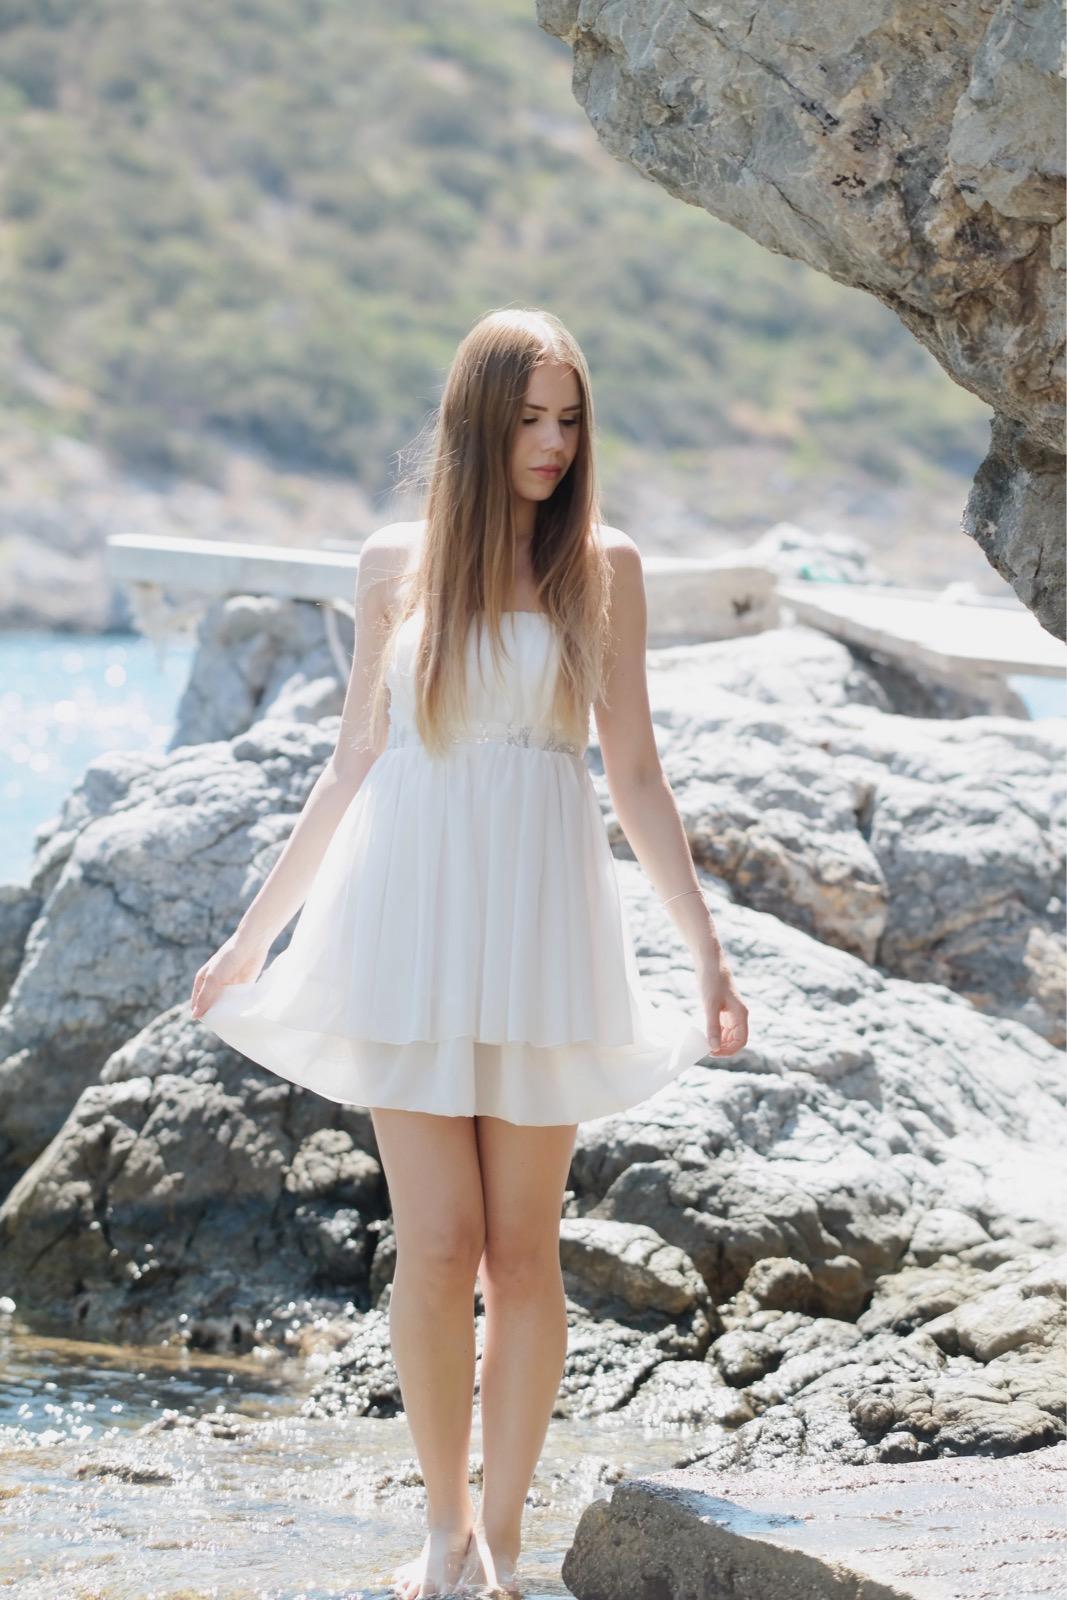 TheRubinRose-München Modeblog-München-München Fashionblog-Fashionblog-weiße Kleid-Elfenkleid-Urlaub-Griechenland-Samos-Strand-Meer-Bucht-Instagram